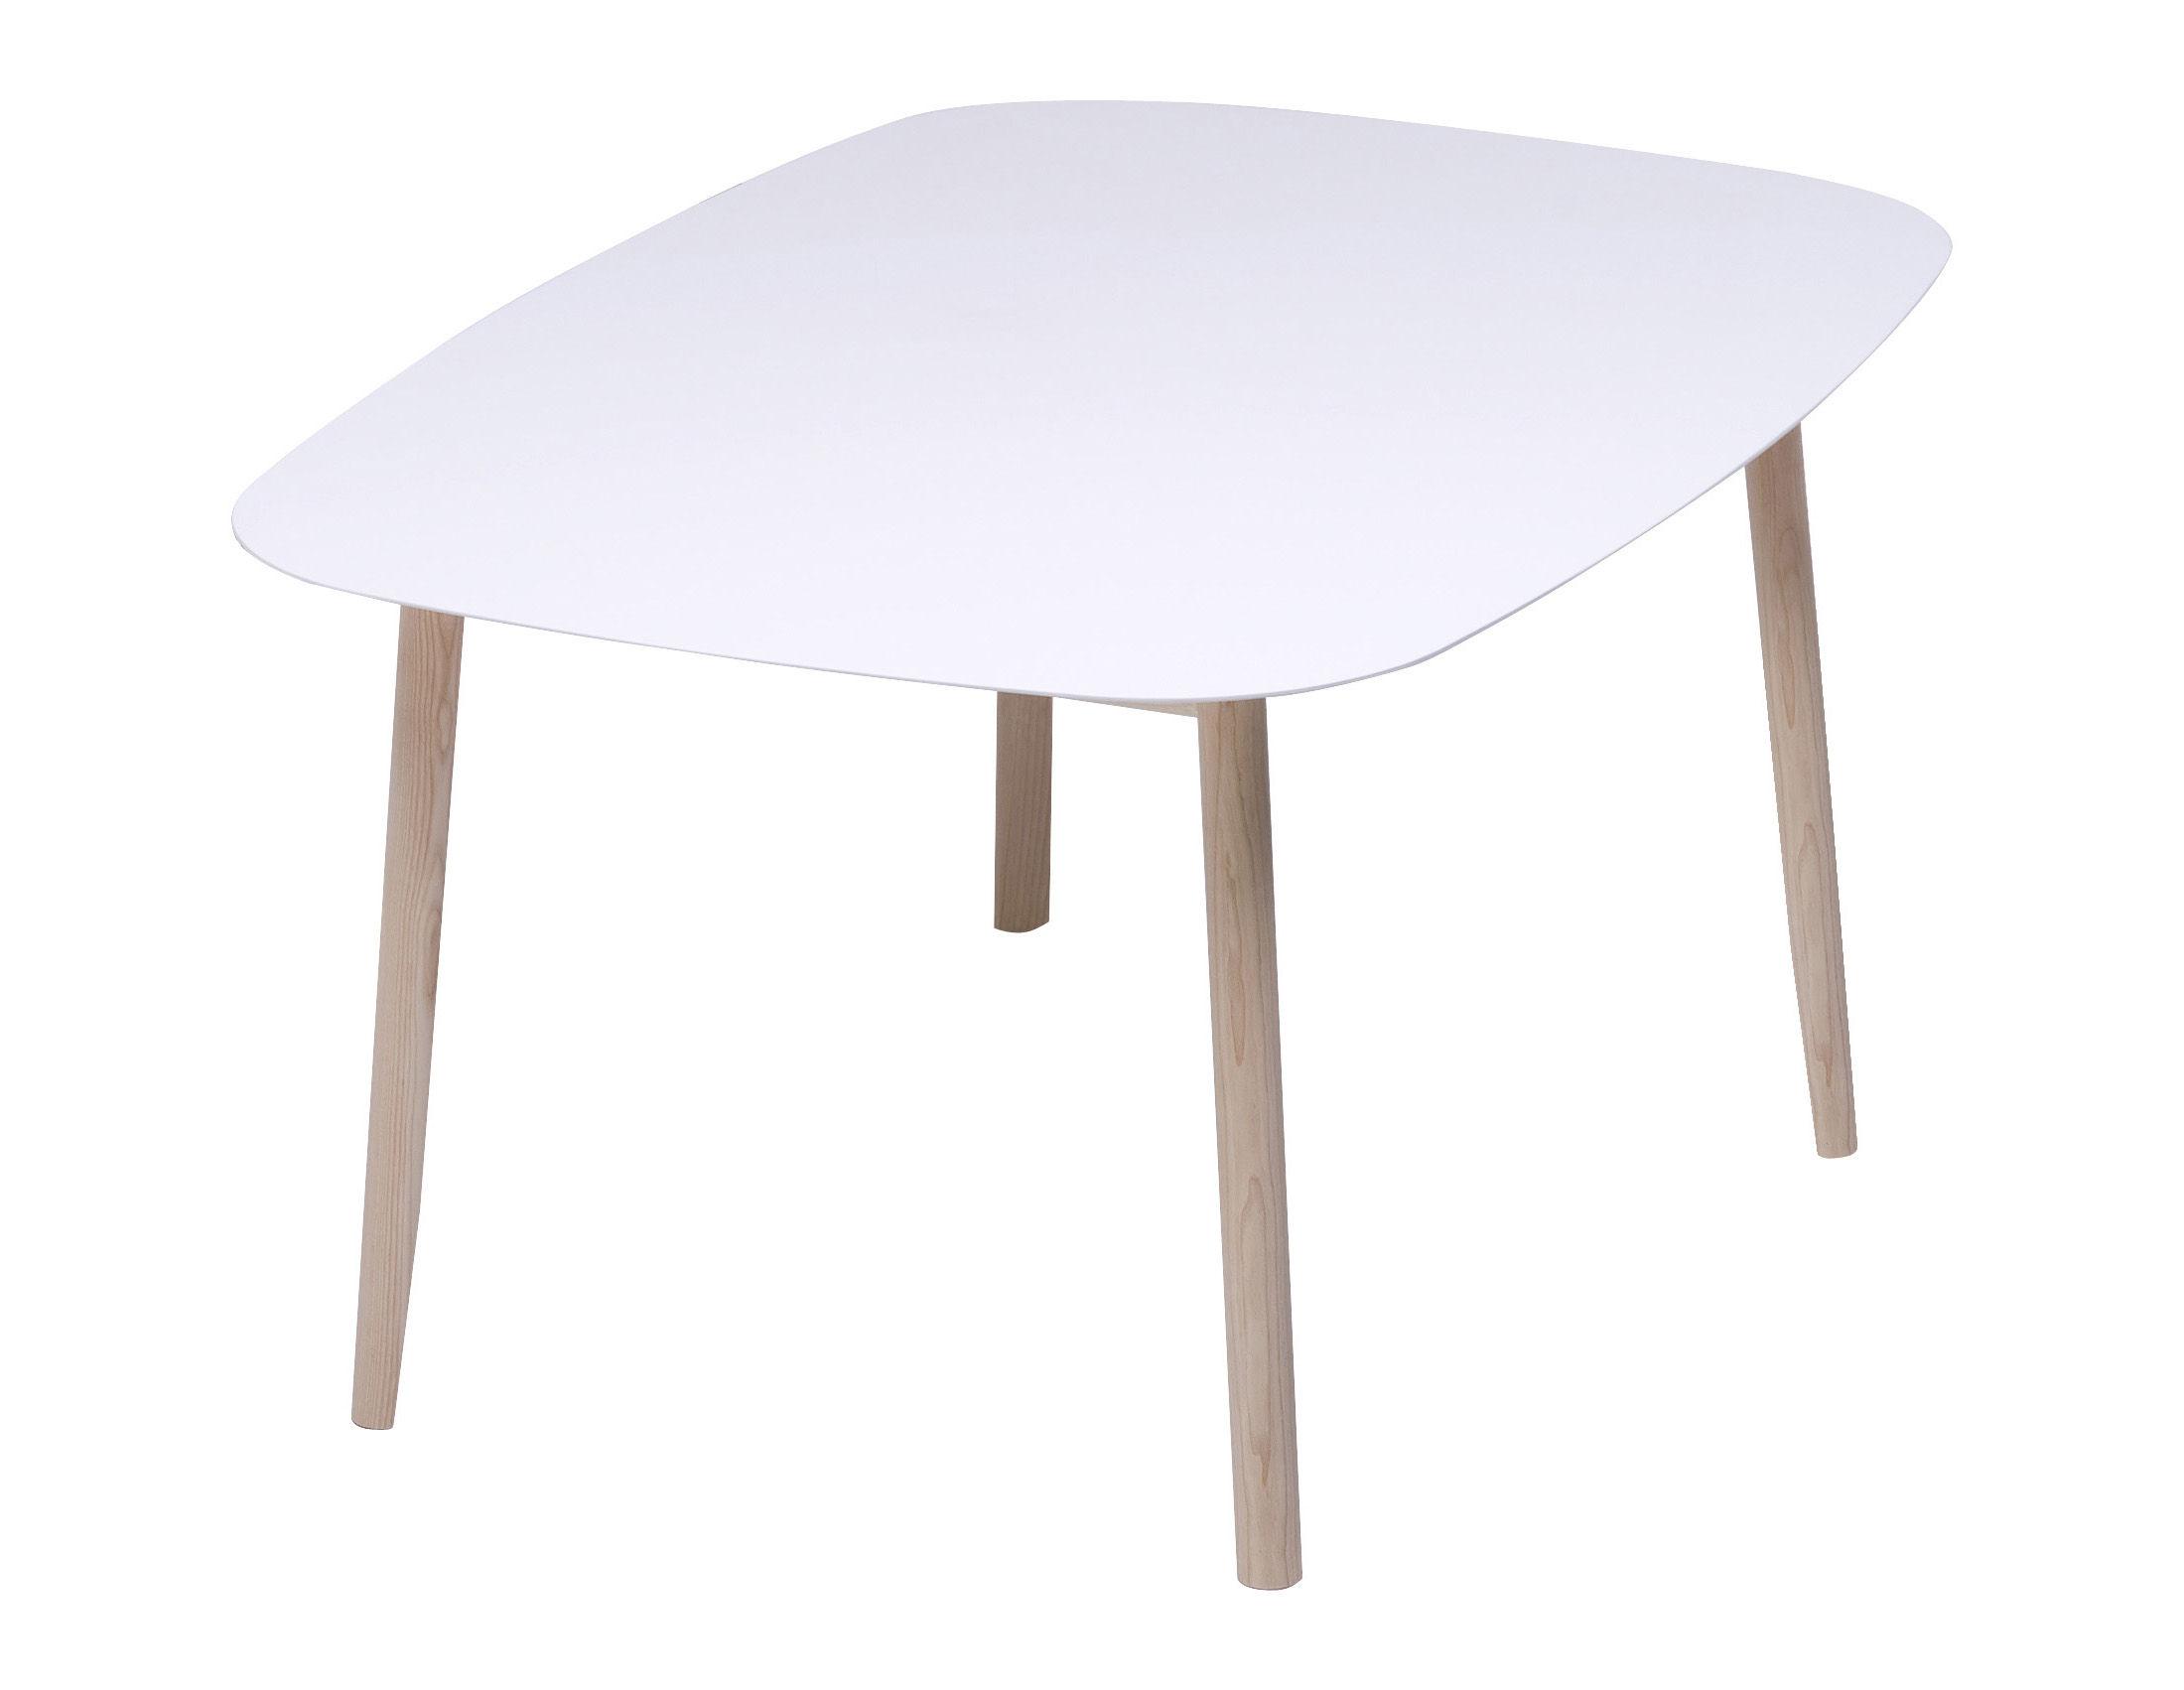 Mobilier - Tables - Table rectangulaire Branca / 110 x 150 cm - Mattiazzi - Plateau blanc / Pieds frêne - 110 x 150 cm - - Frêne, MDF laqué